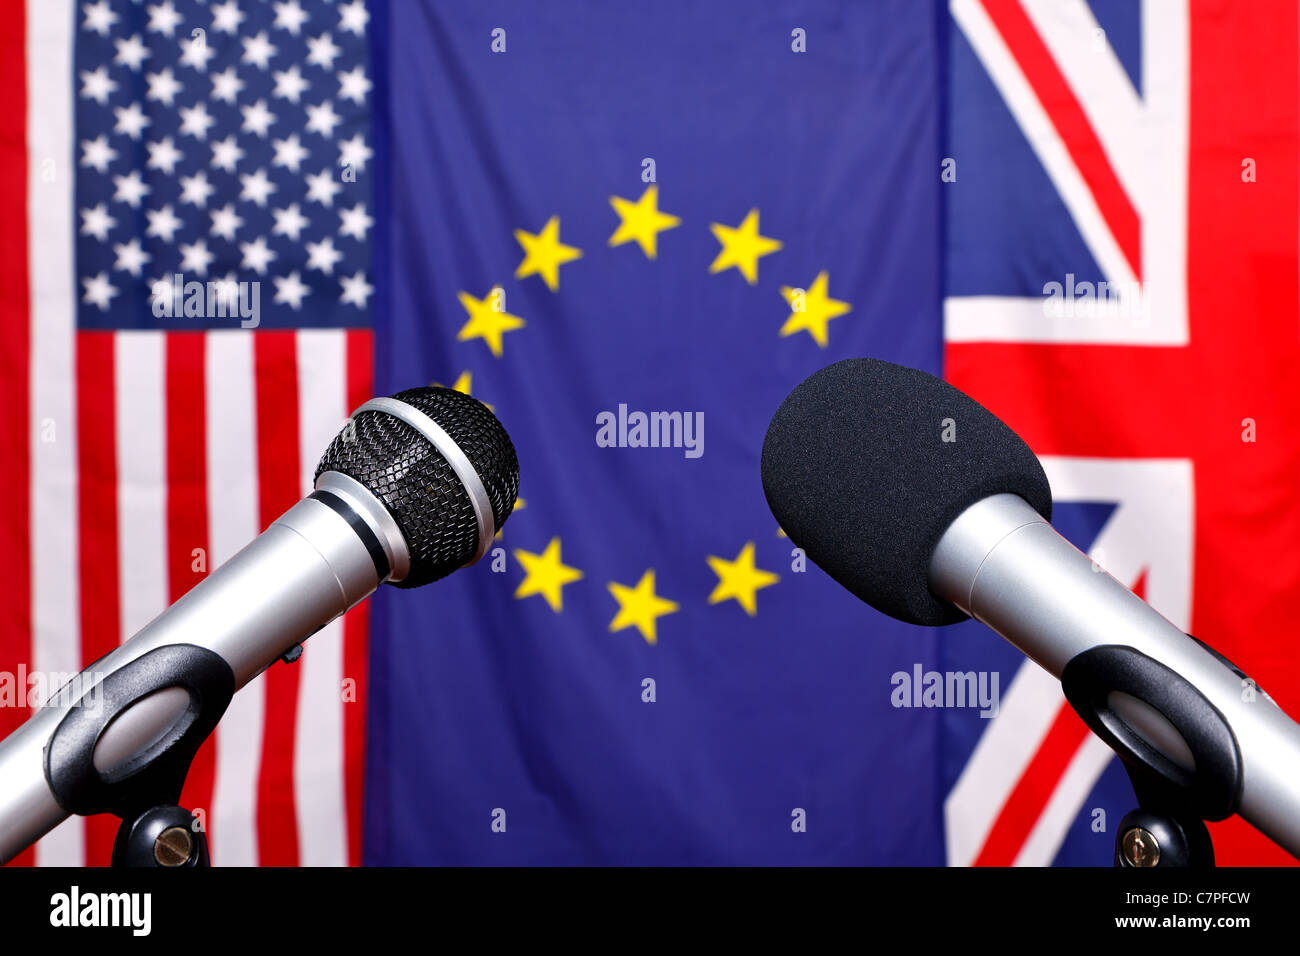 Deux micros sur la scène d'une conférence de presse avec les drapeaux de l'Amérique, l'Union européenne et au Royaume Banque D'Images